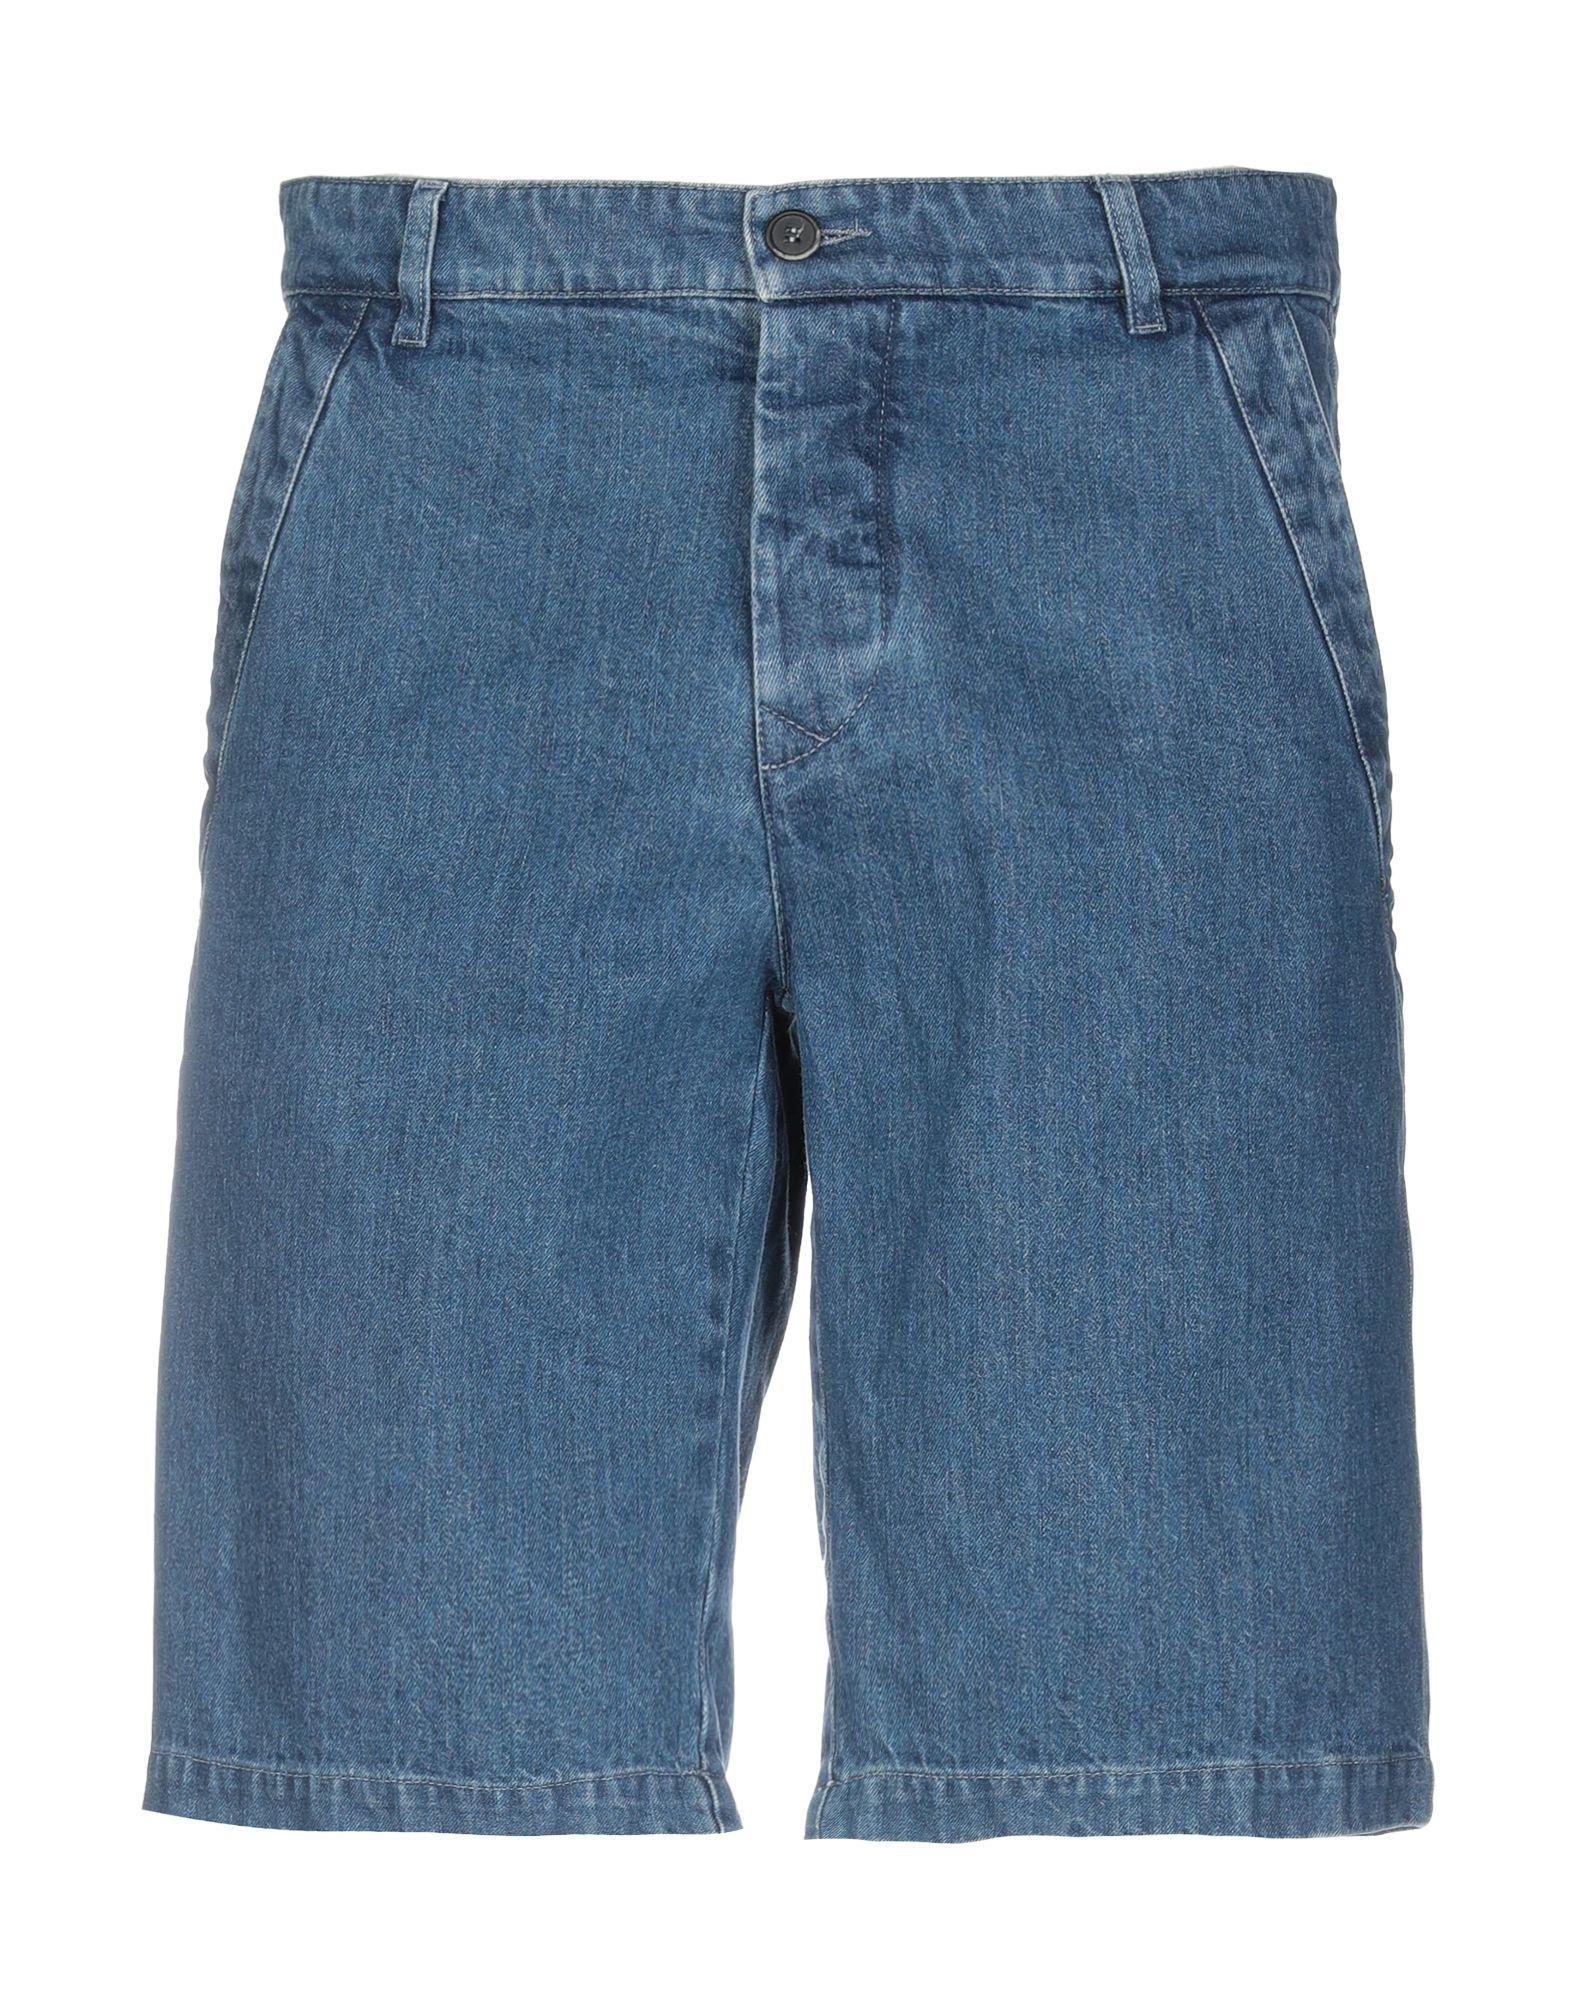 《期間限定セール中》BARENA メンズ デニムバミューダパンツ ブルー 50 コットン 100%